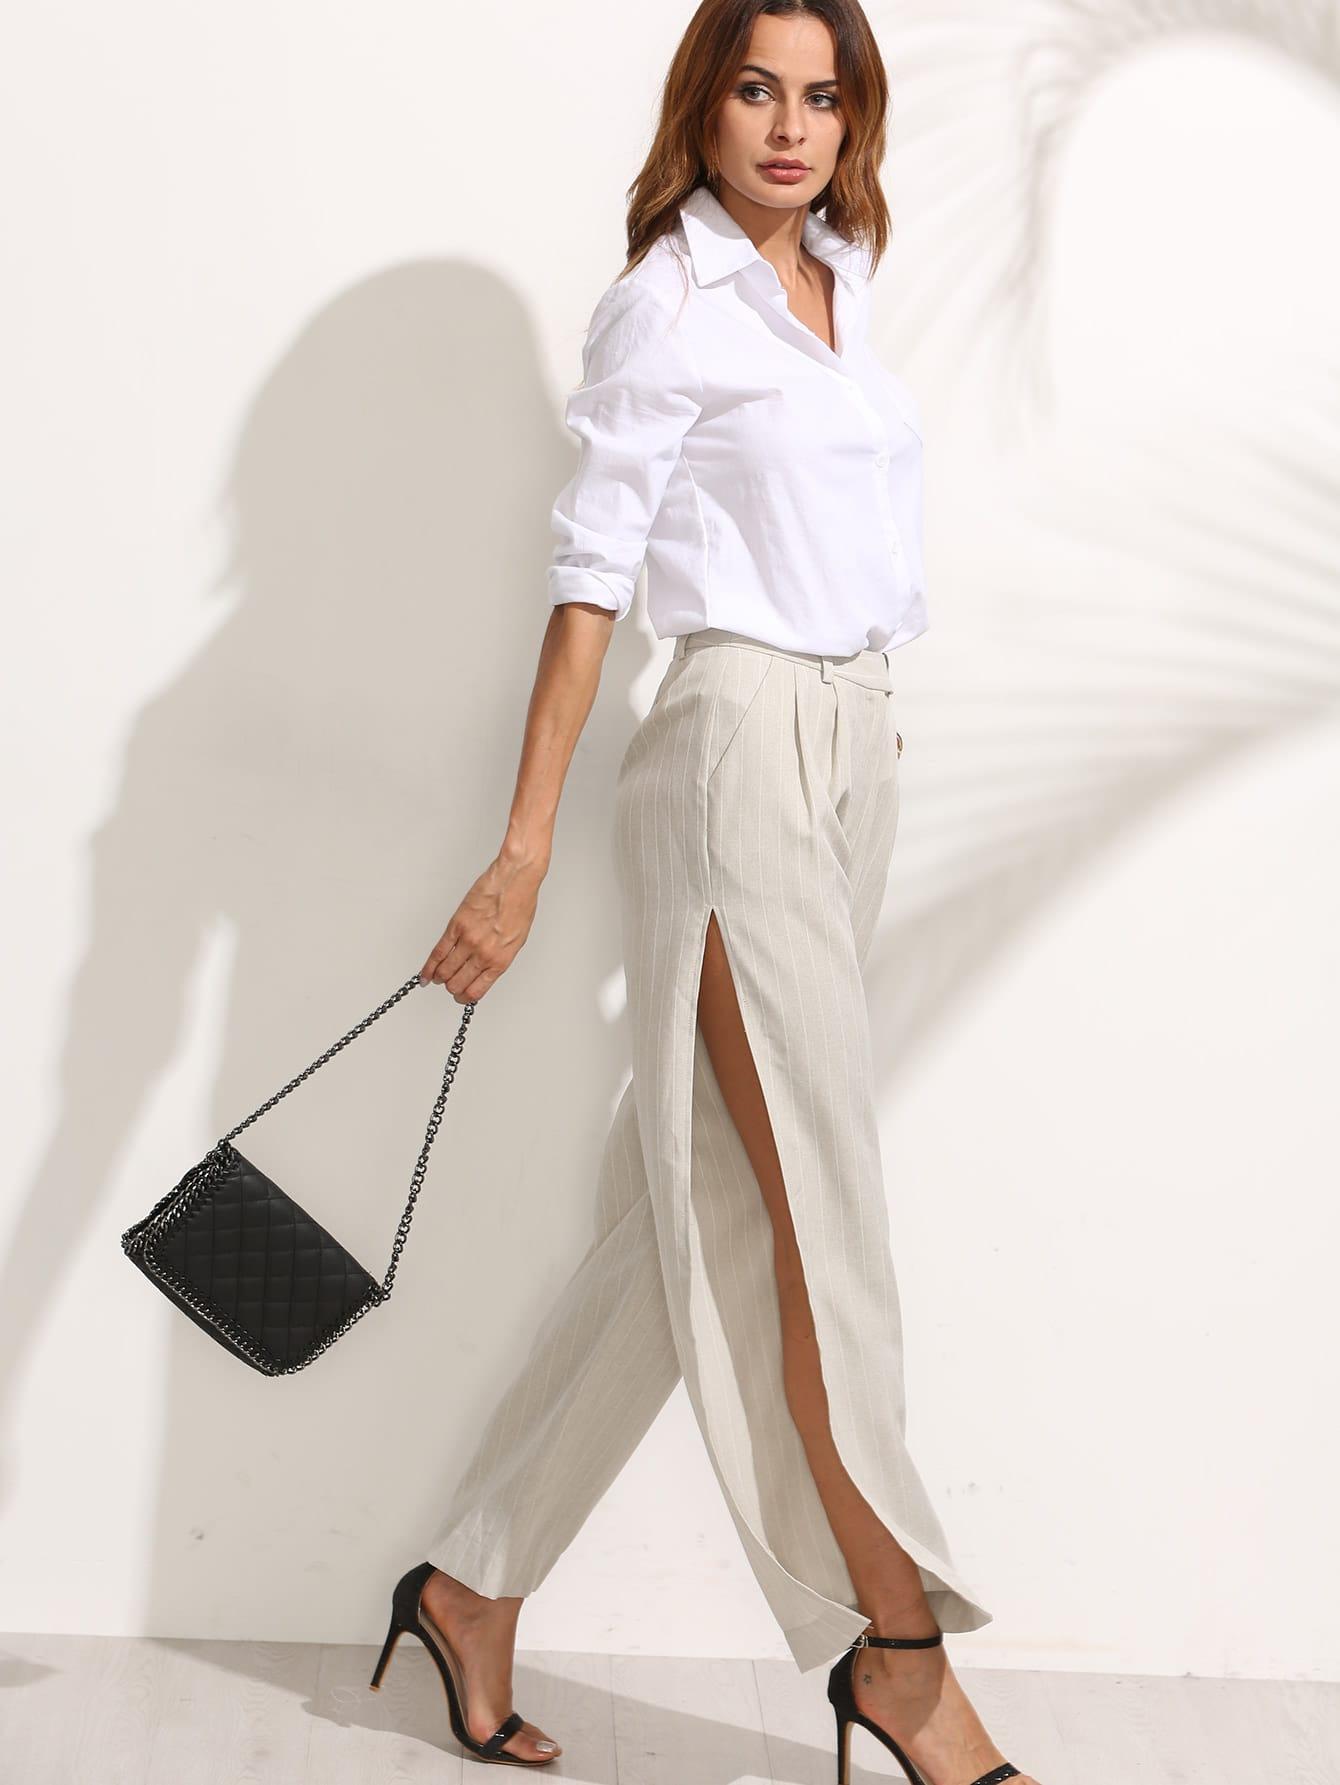 Striped Pocket Split Wide-leg PantsStriped Pocket Split Wide-leg Pants<br><br>color: Apricot<br>size: S,XS